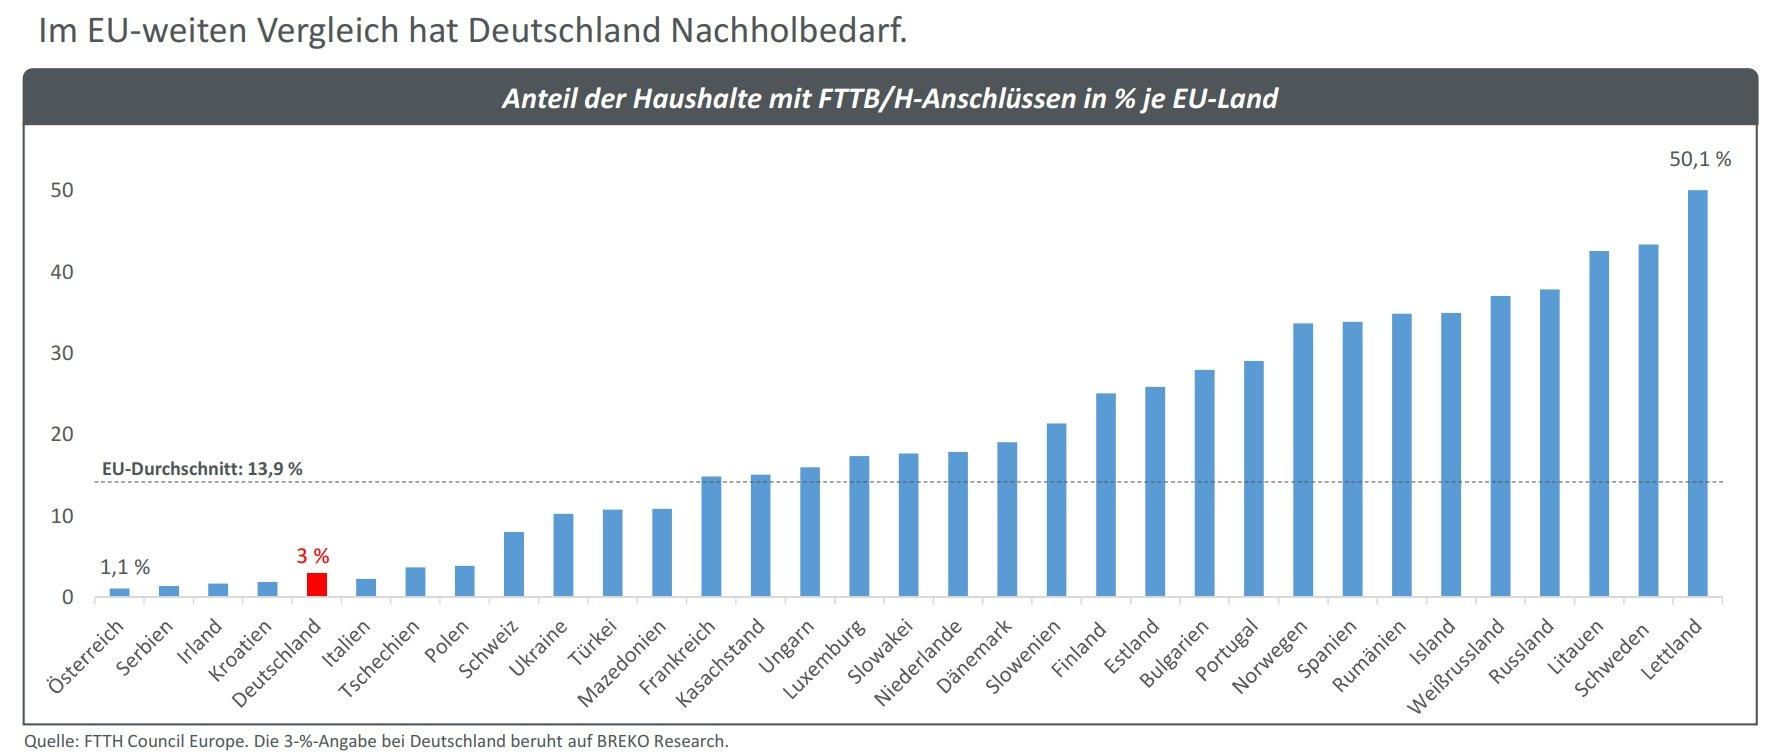 Glasfaserausbau: Deutschland im EU-Vergleich